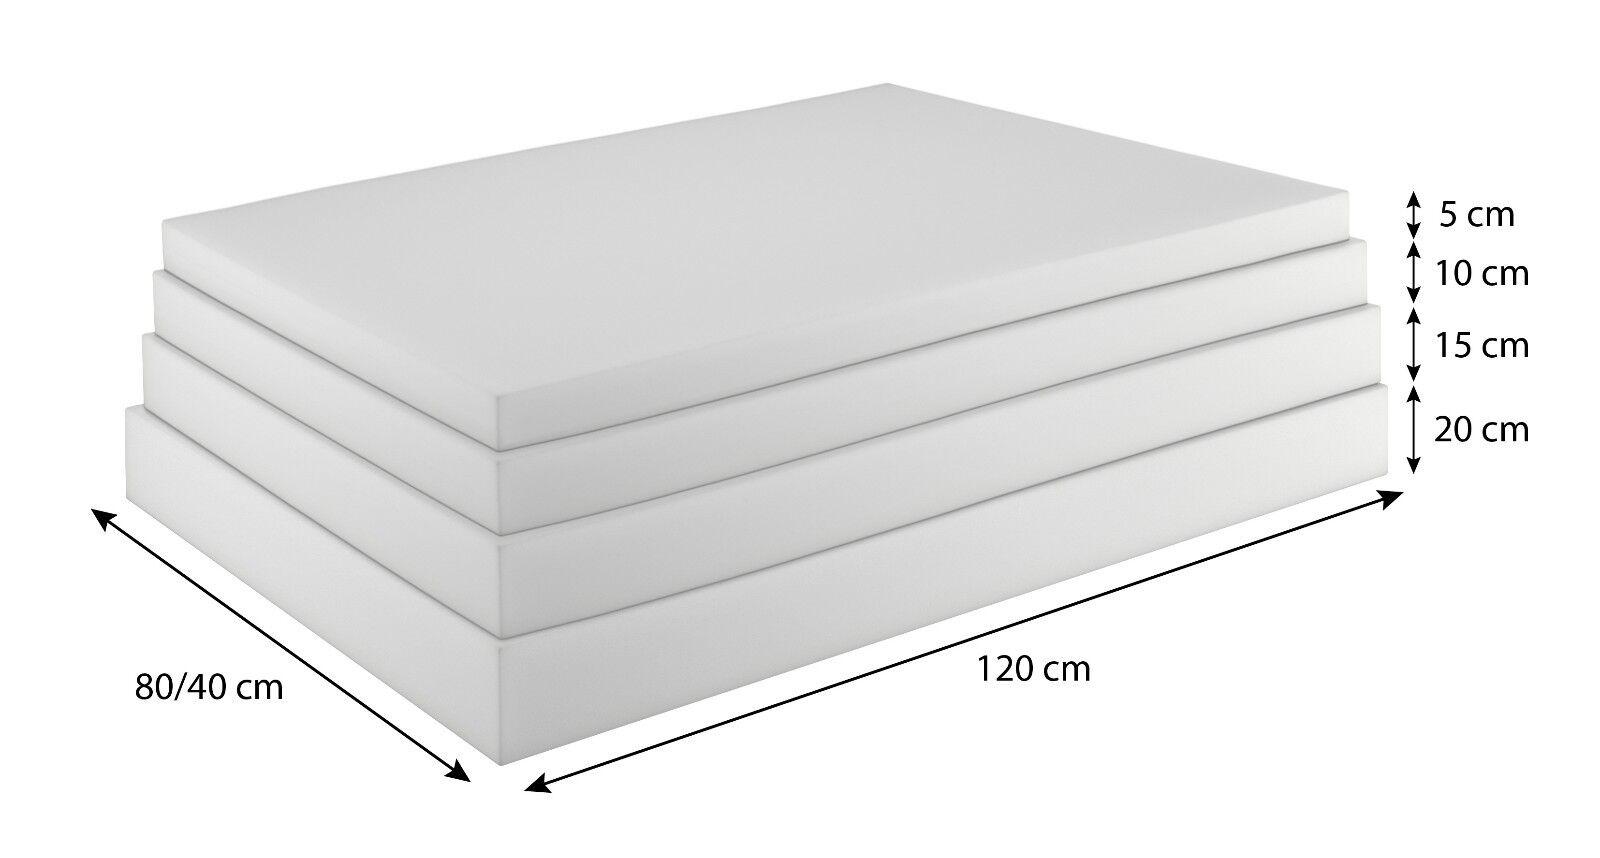 Schaumstoffplatte für Europalette Polsterauflage Matratze Zuschnitt 120x80cm